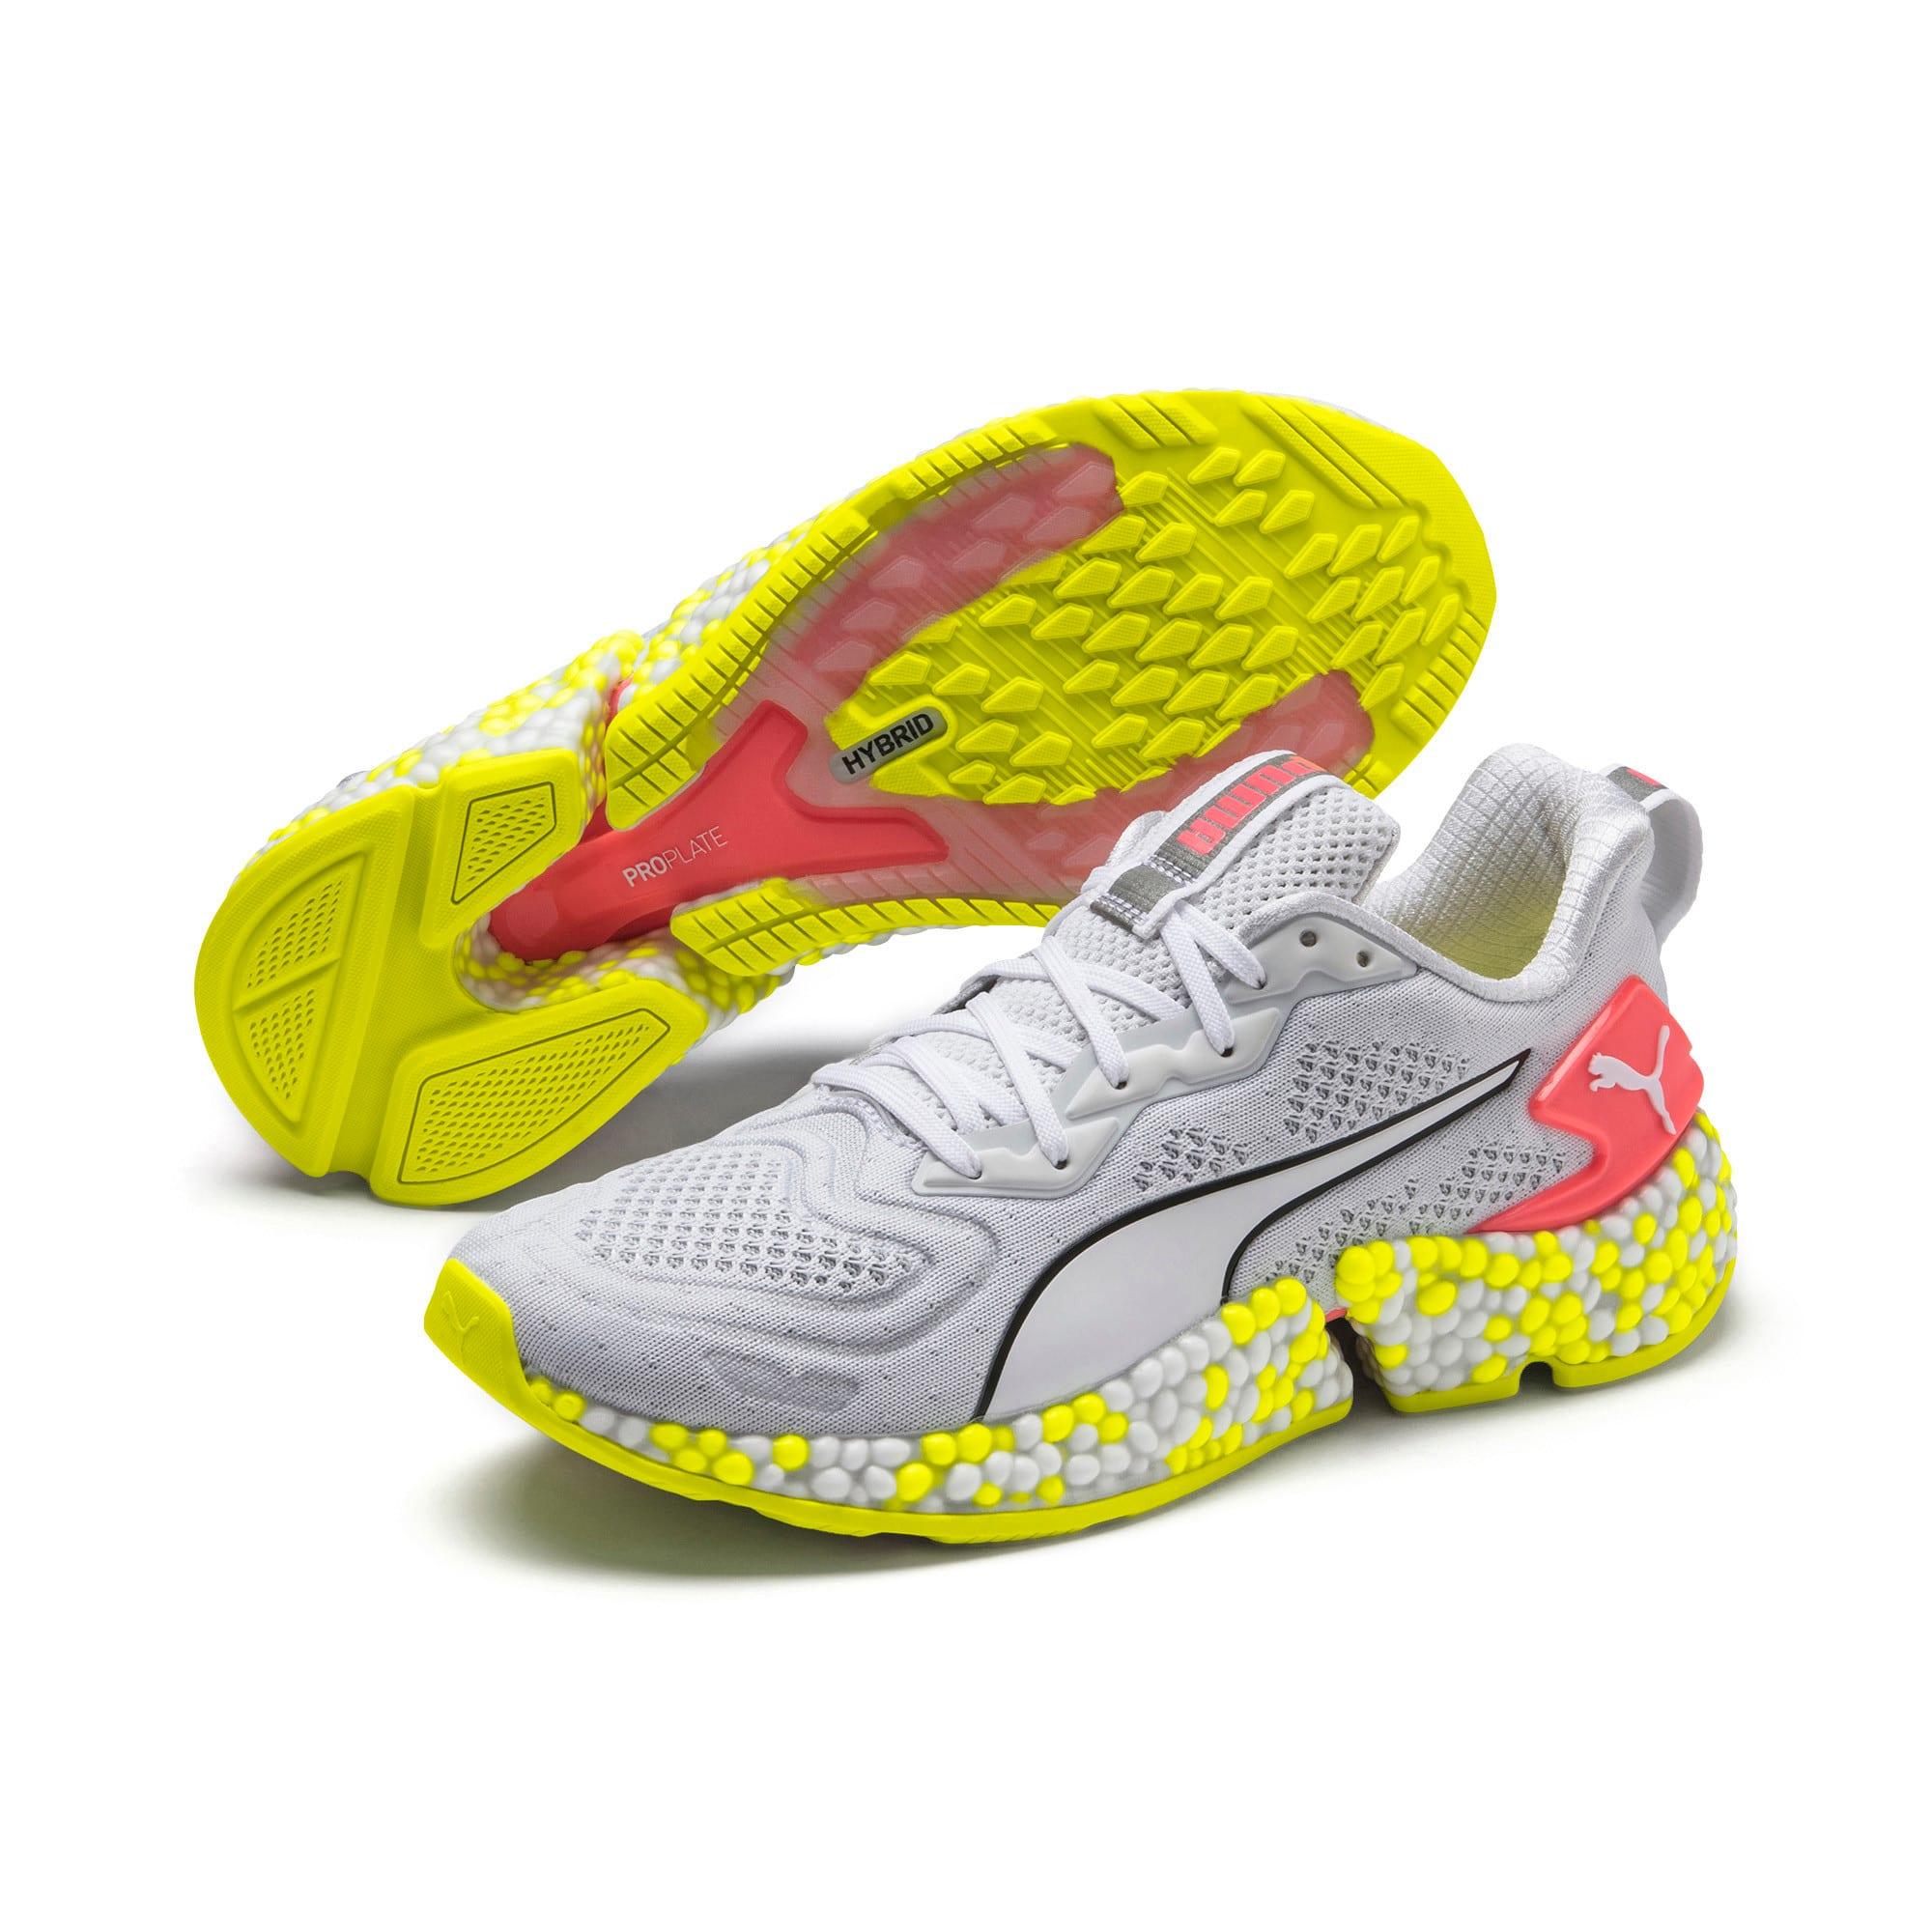 Thumbnail 3 of SPEED Orbiter Women's Running Shoes, Puma White-Yellow Alert, medium